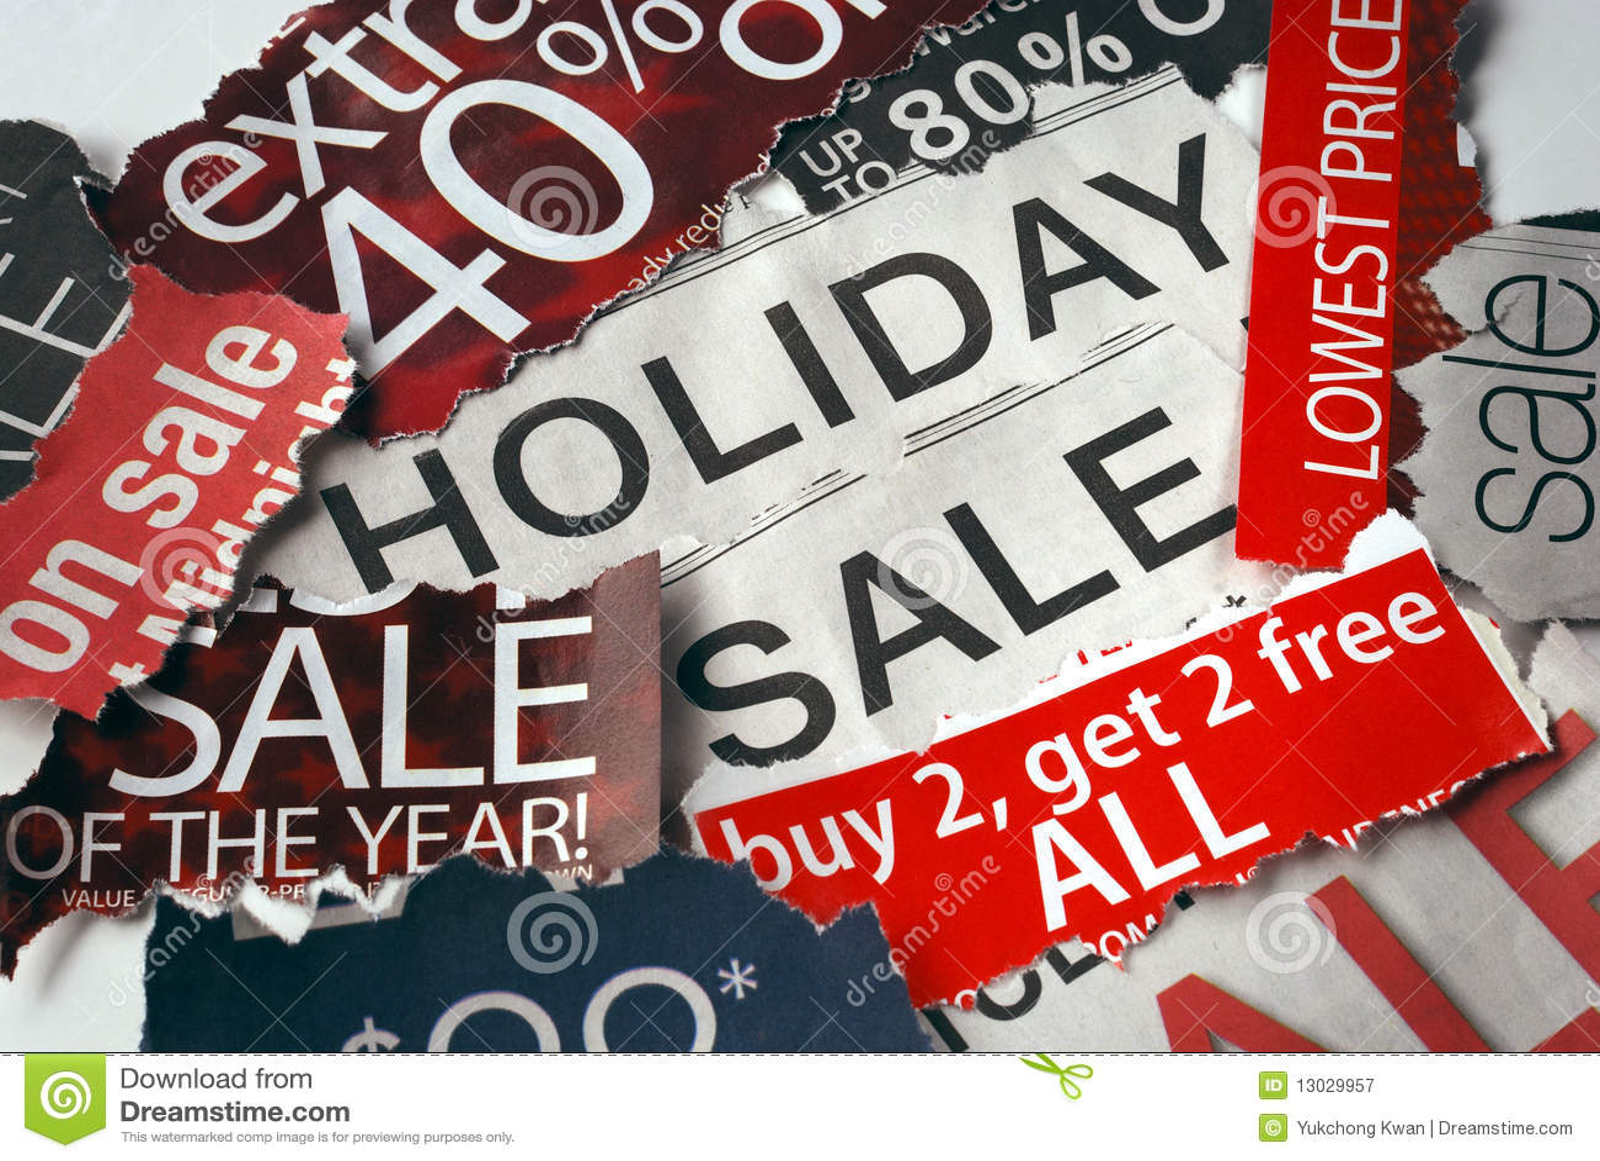 Diverses vacances en signes de vente